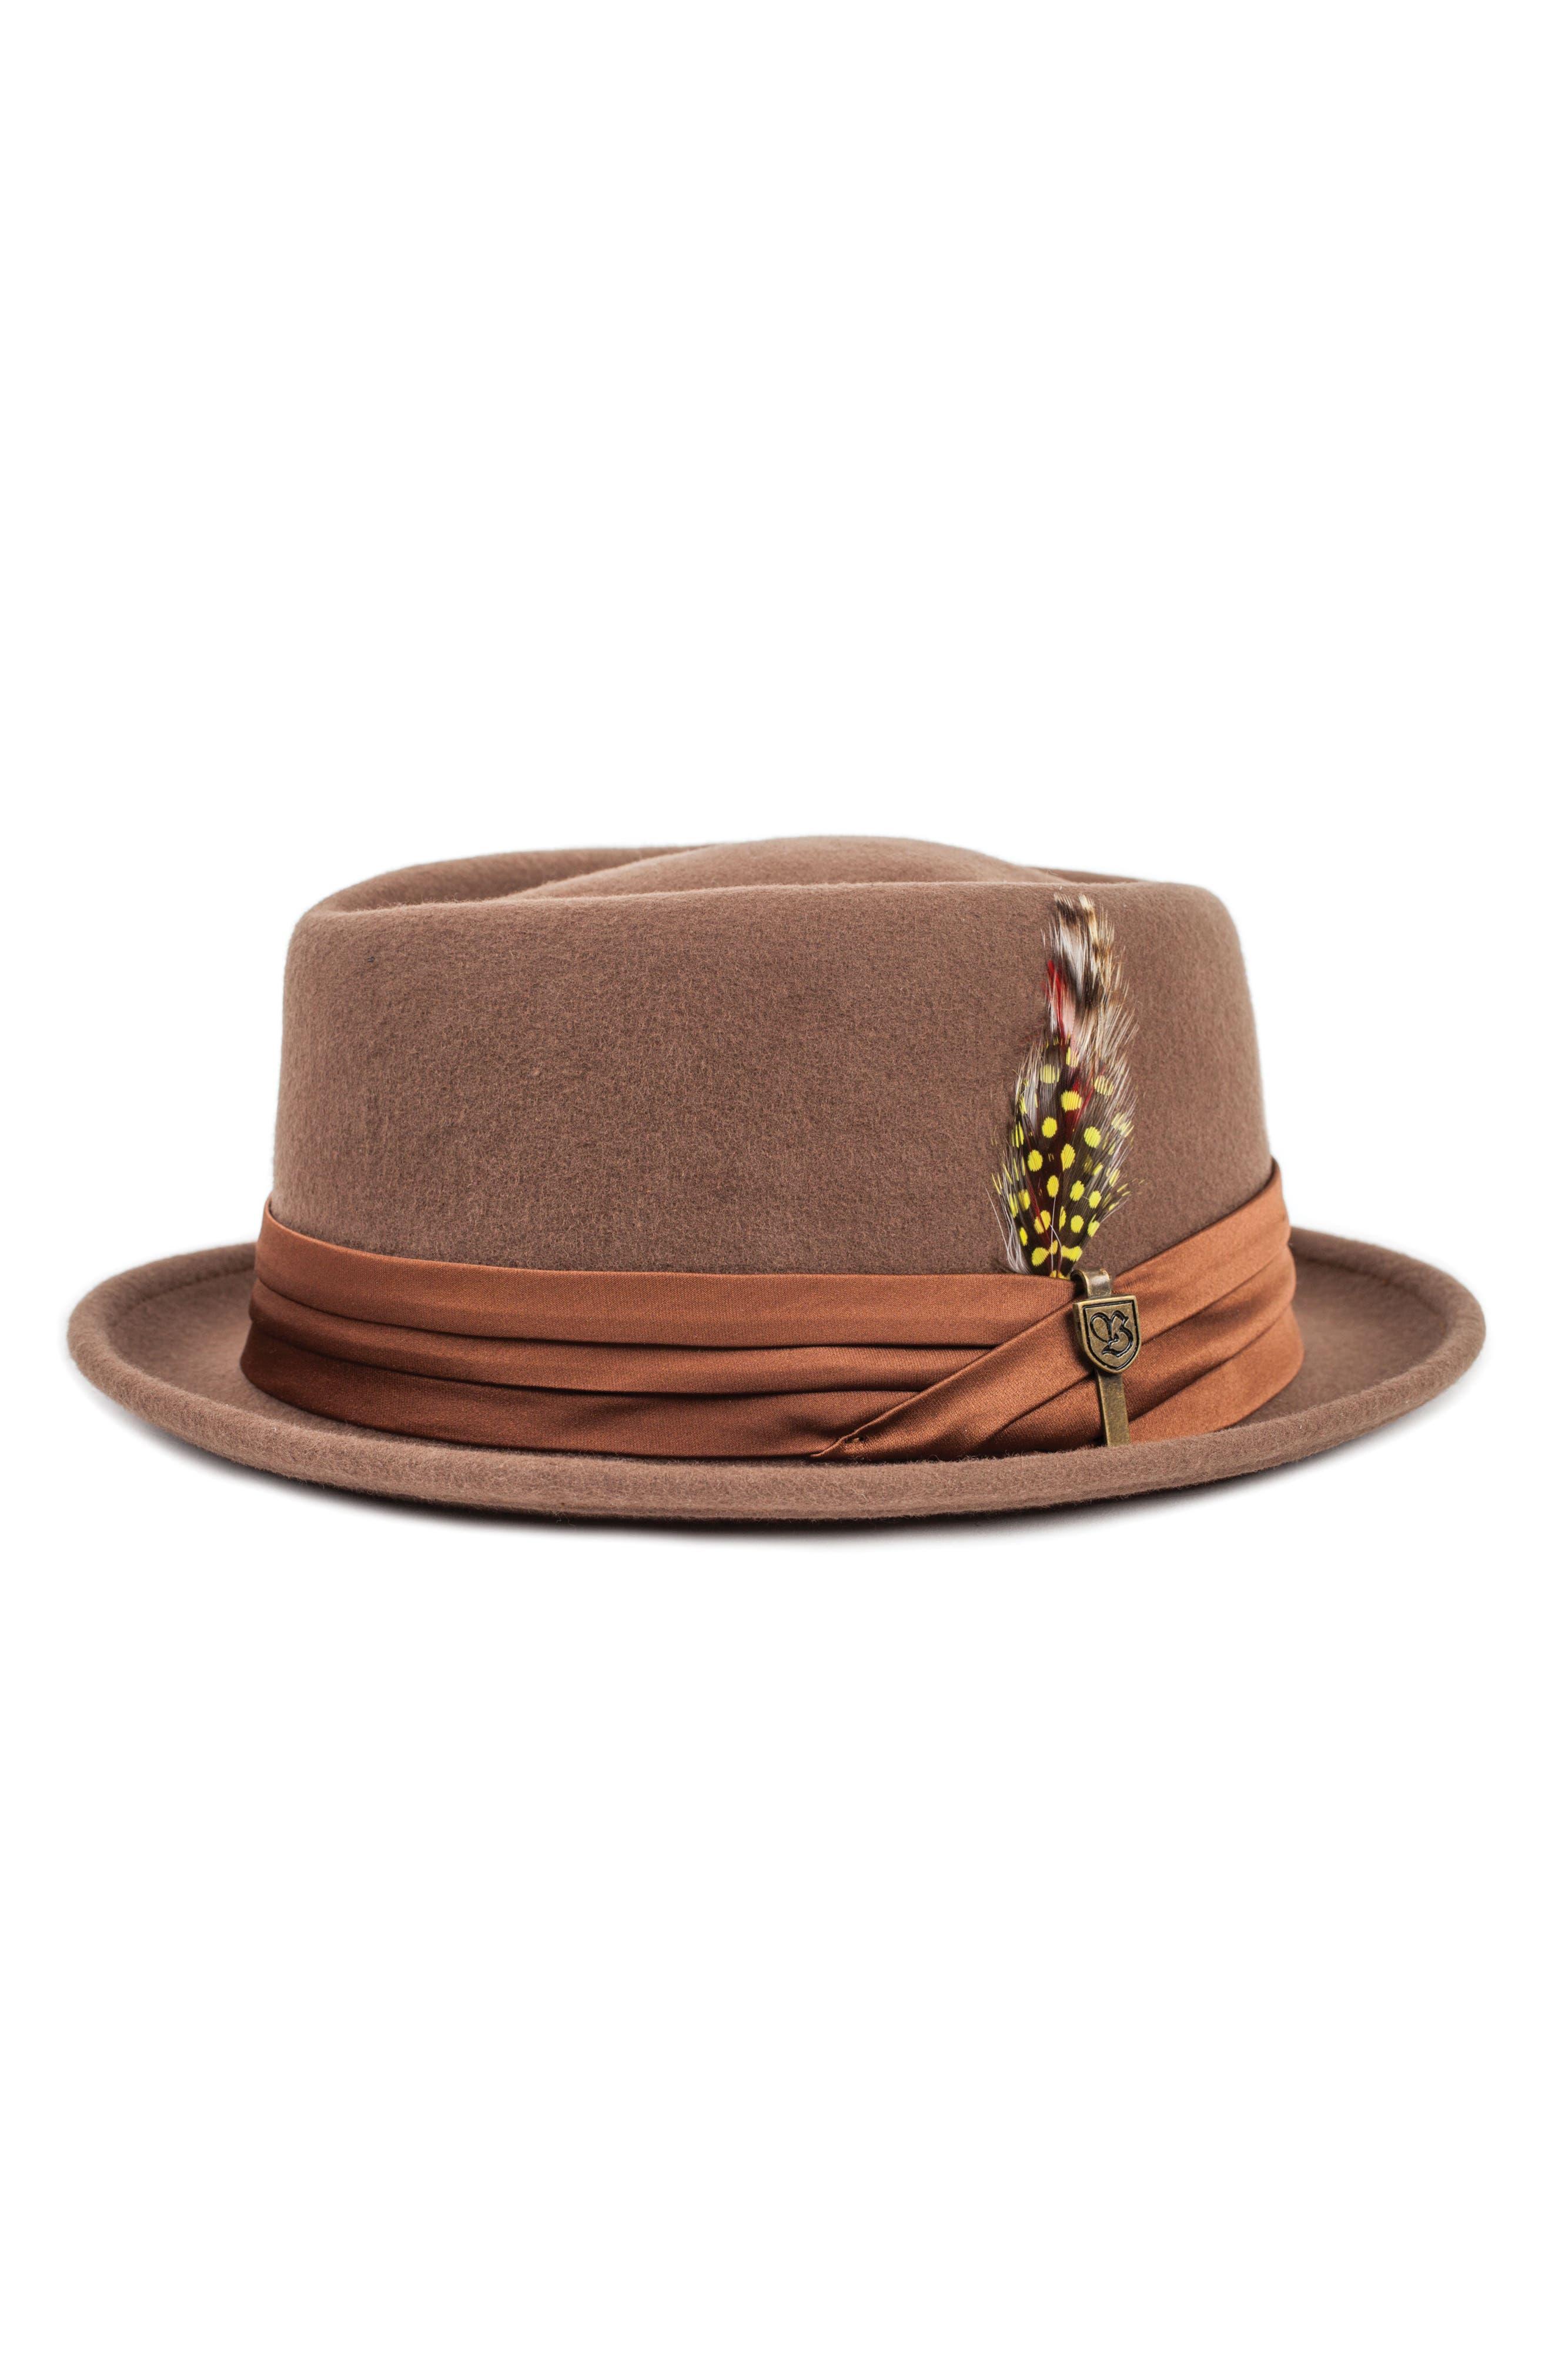 Main Image - Brixton Stout Porkpie Hat